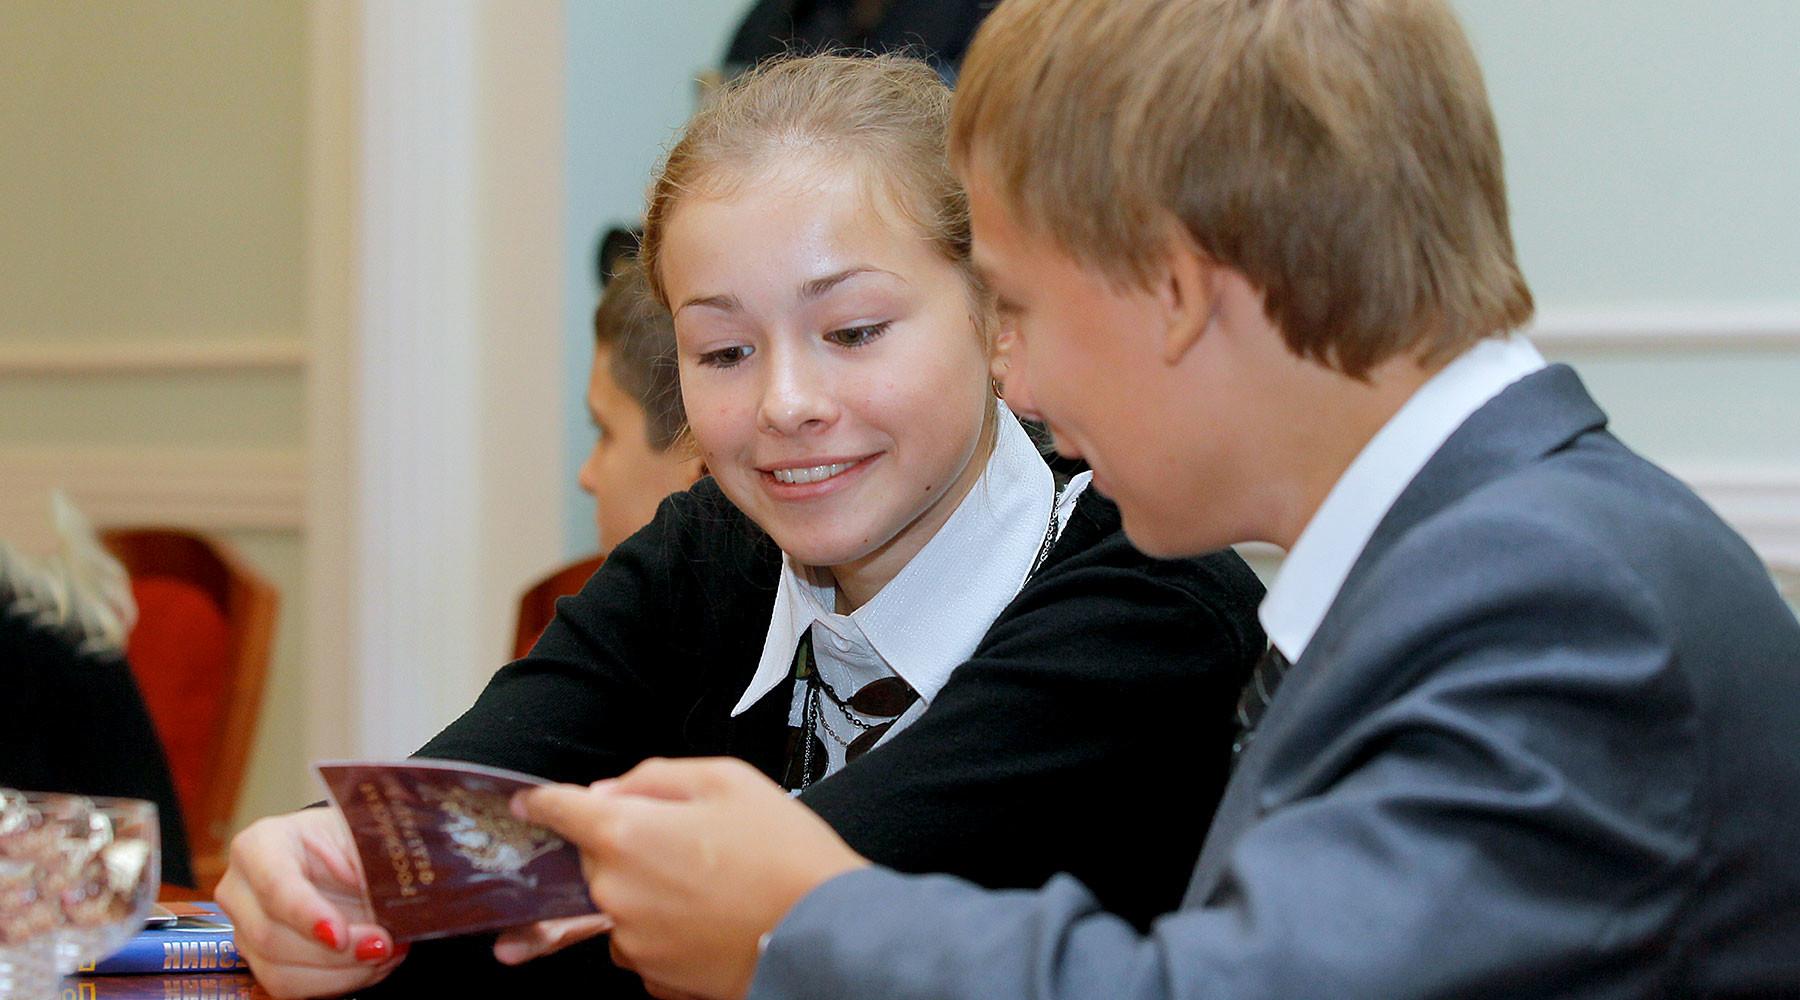 в России предлагают ввести клятву на верность Отечеству для получающих паспорт в 14 лет